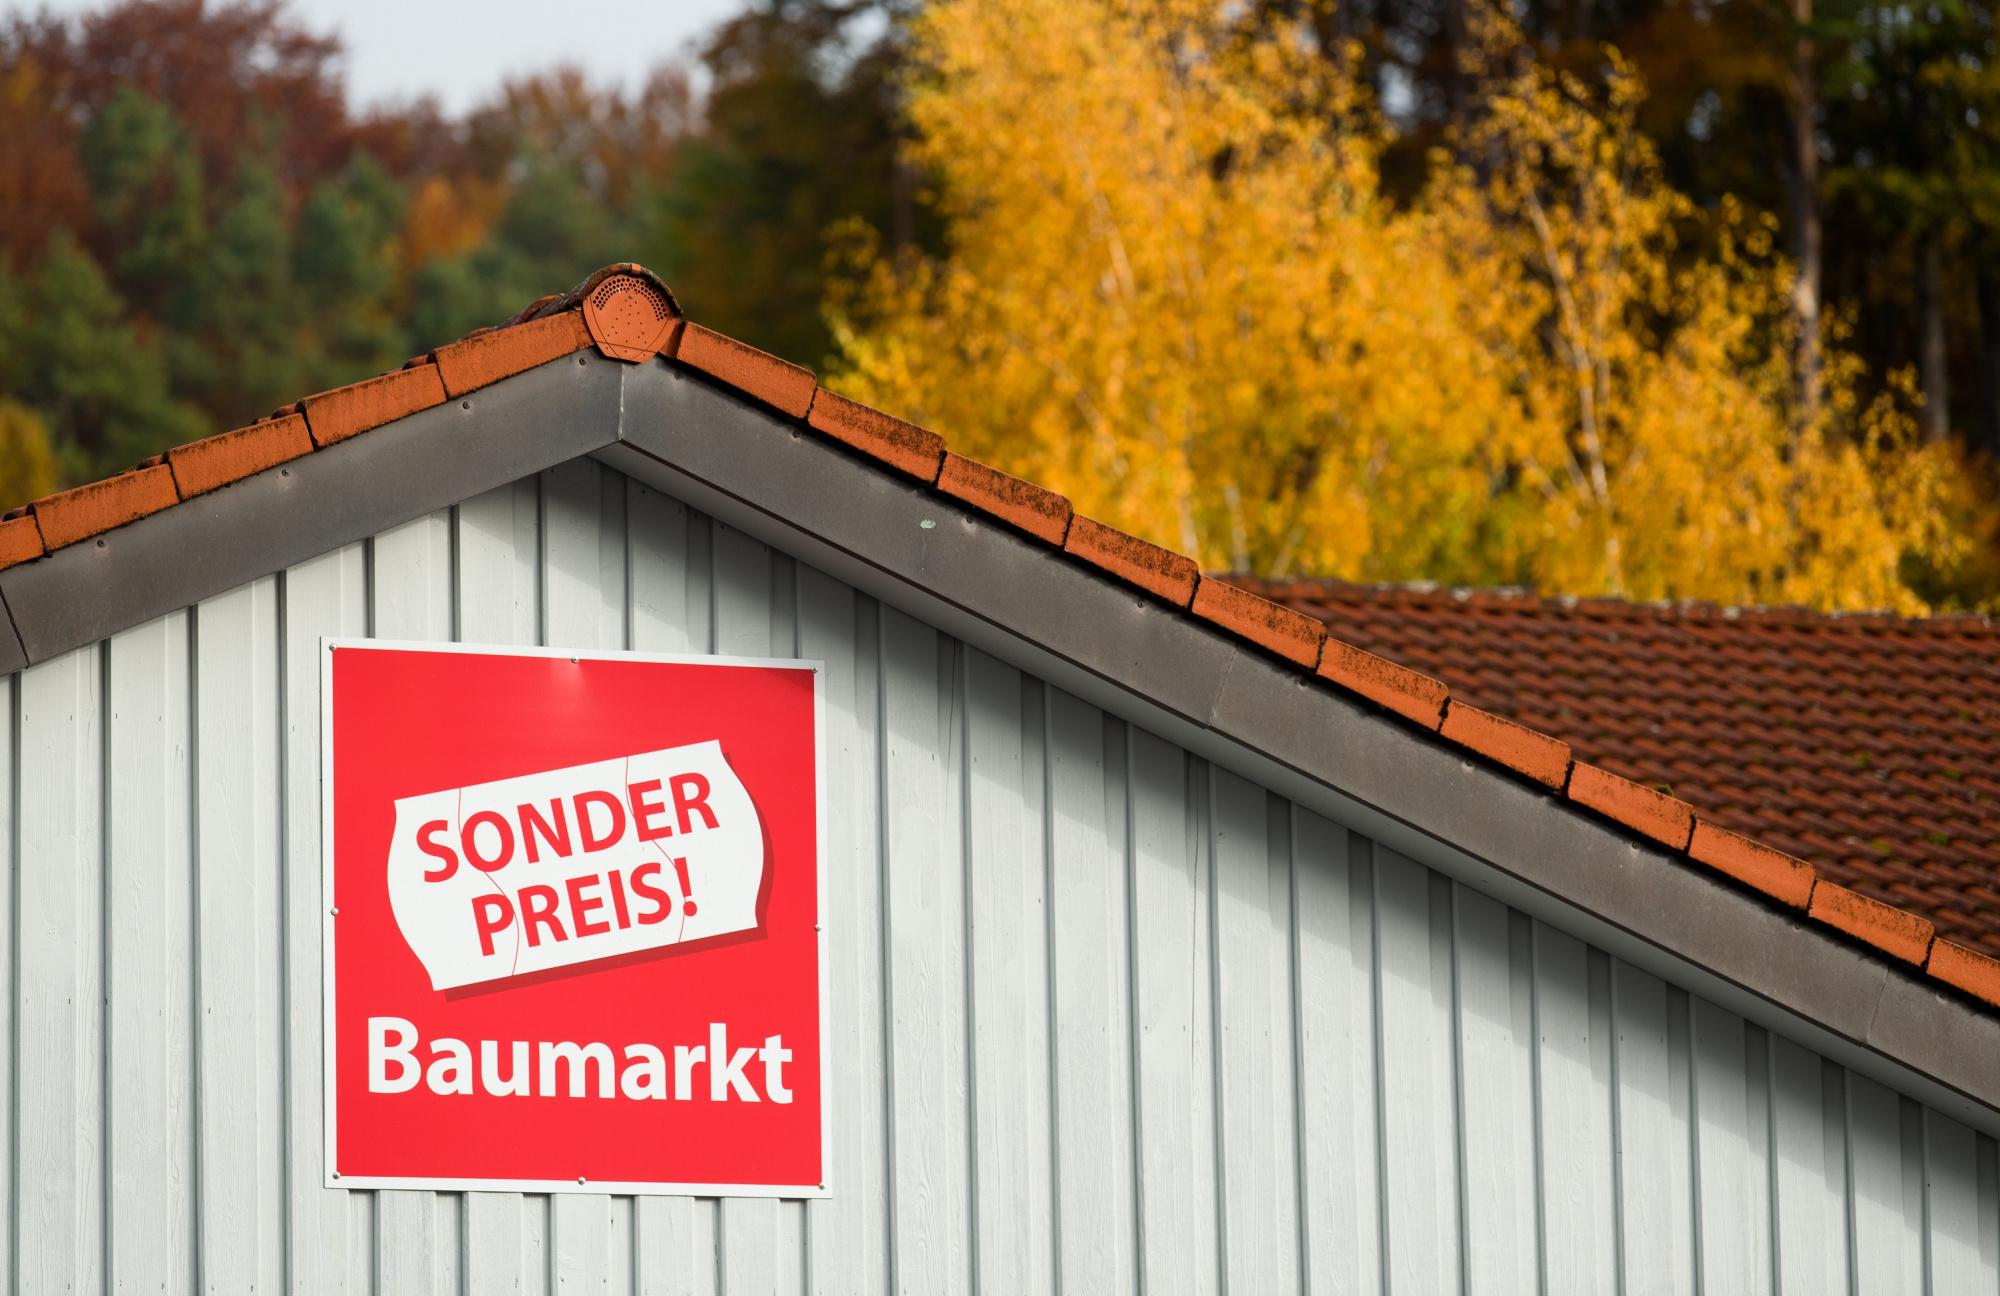 Sonderpreis Baumarkt - ein Baumarkt mit wachsender Bekannthei